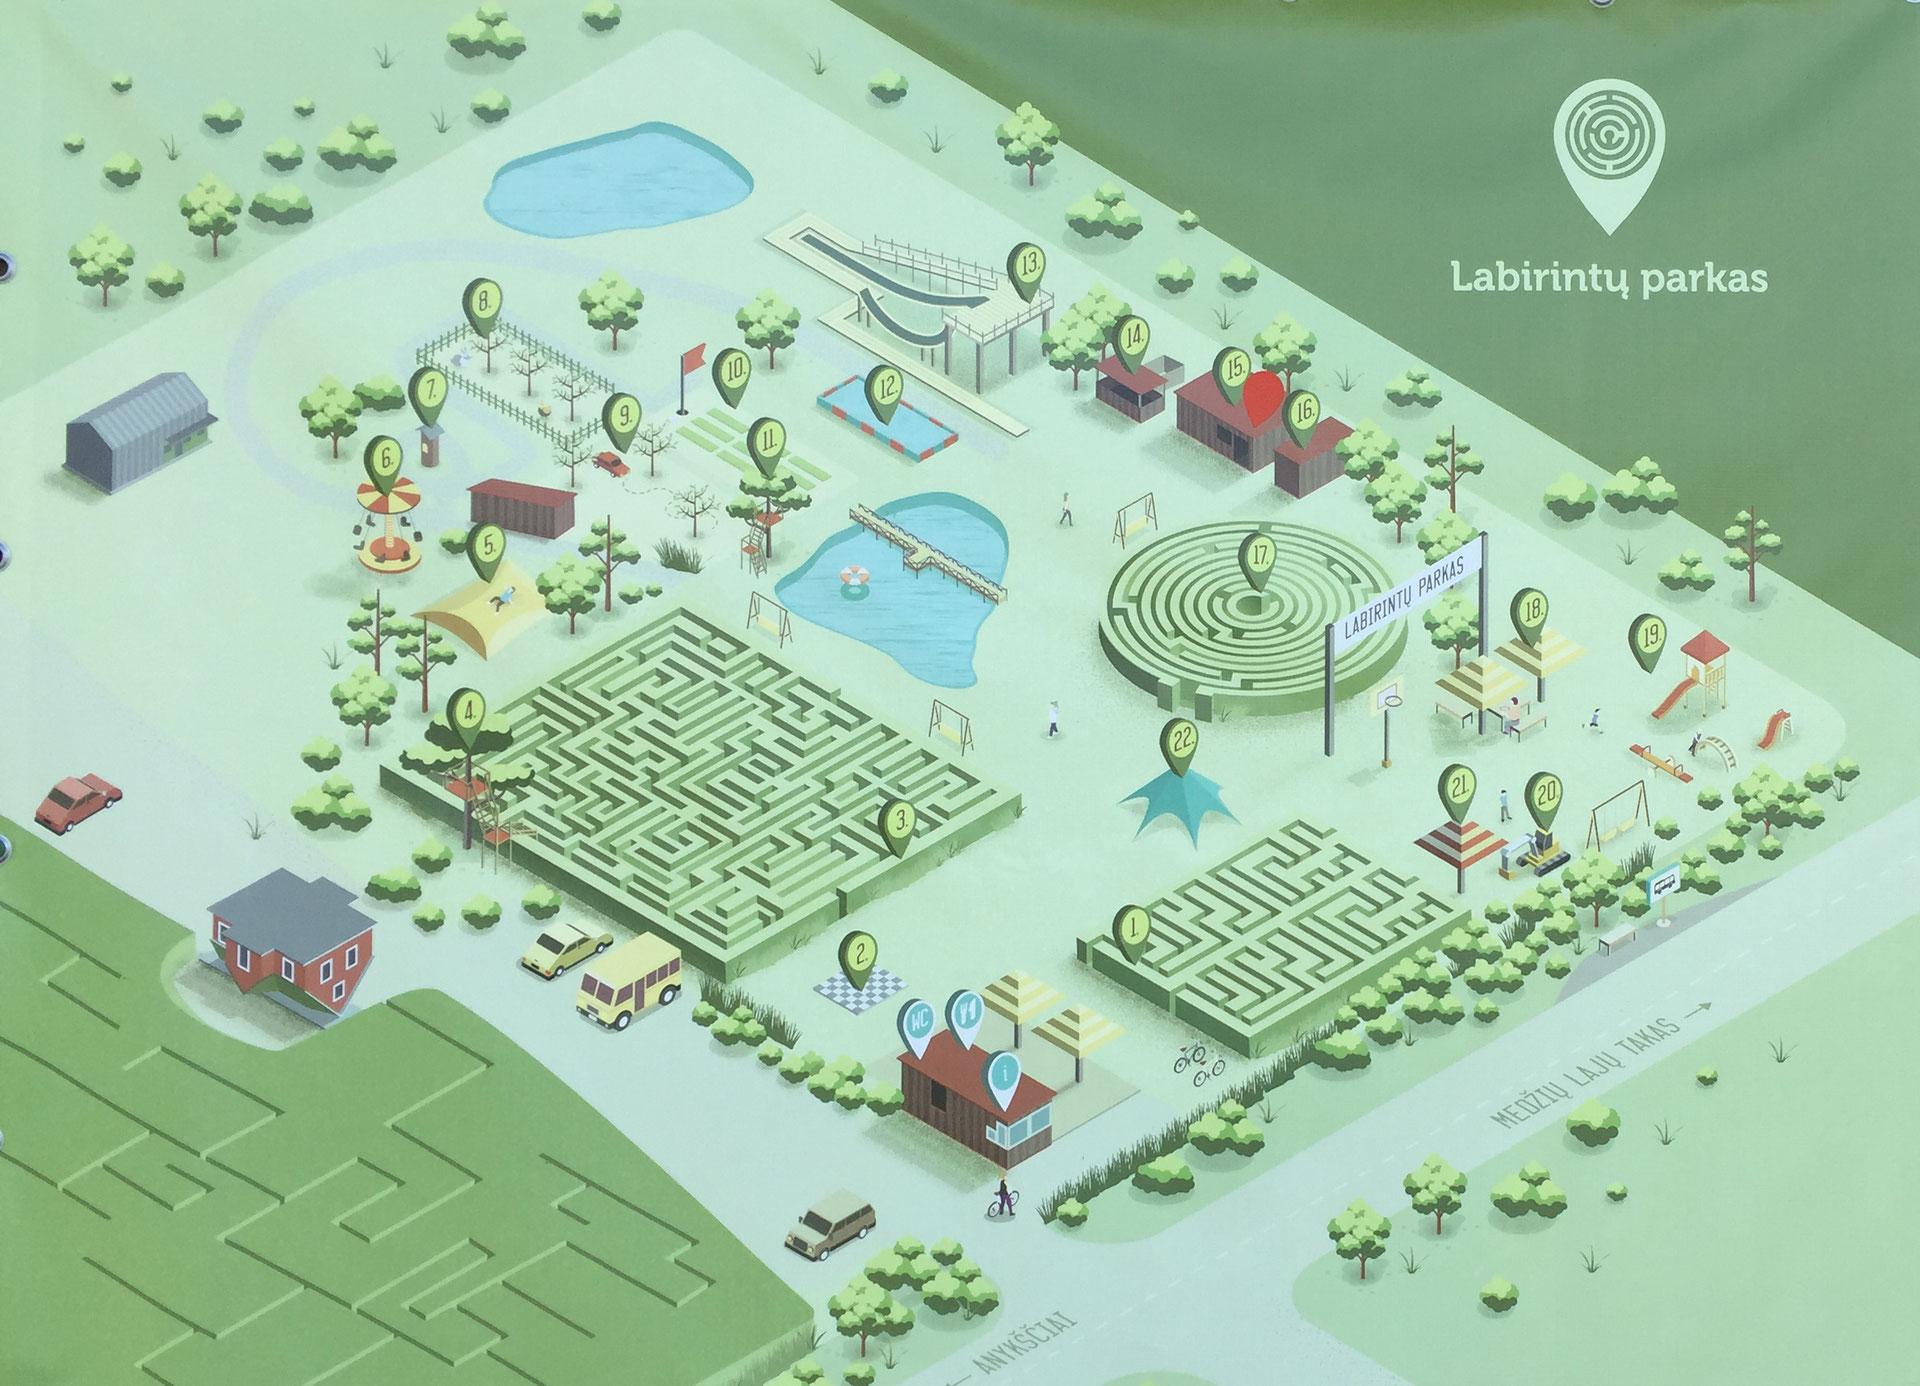 labyrinth park anyk iai private urlaubs homepage mit vielen tipps fotos sehensw rdigkeiten. Black Bedroom Furniture Sets. Home Design Ideas